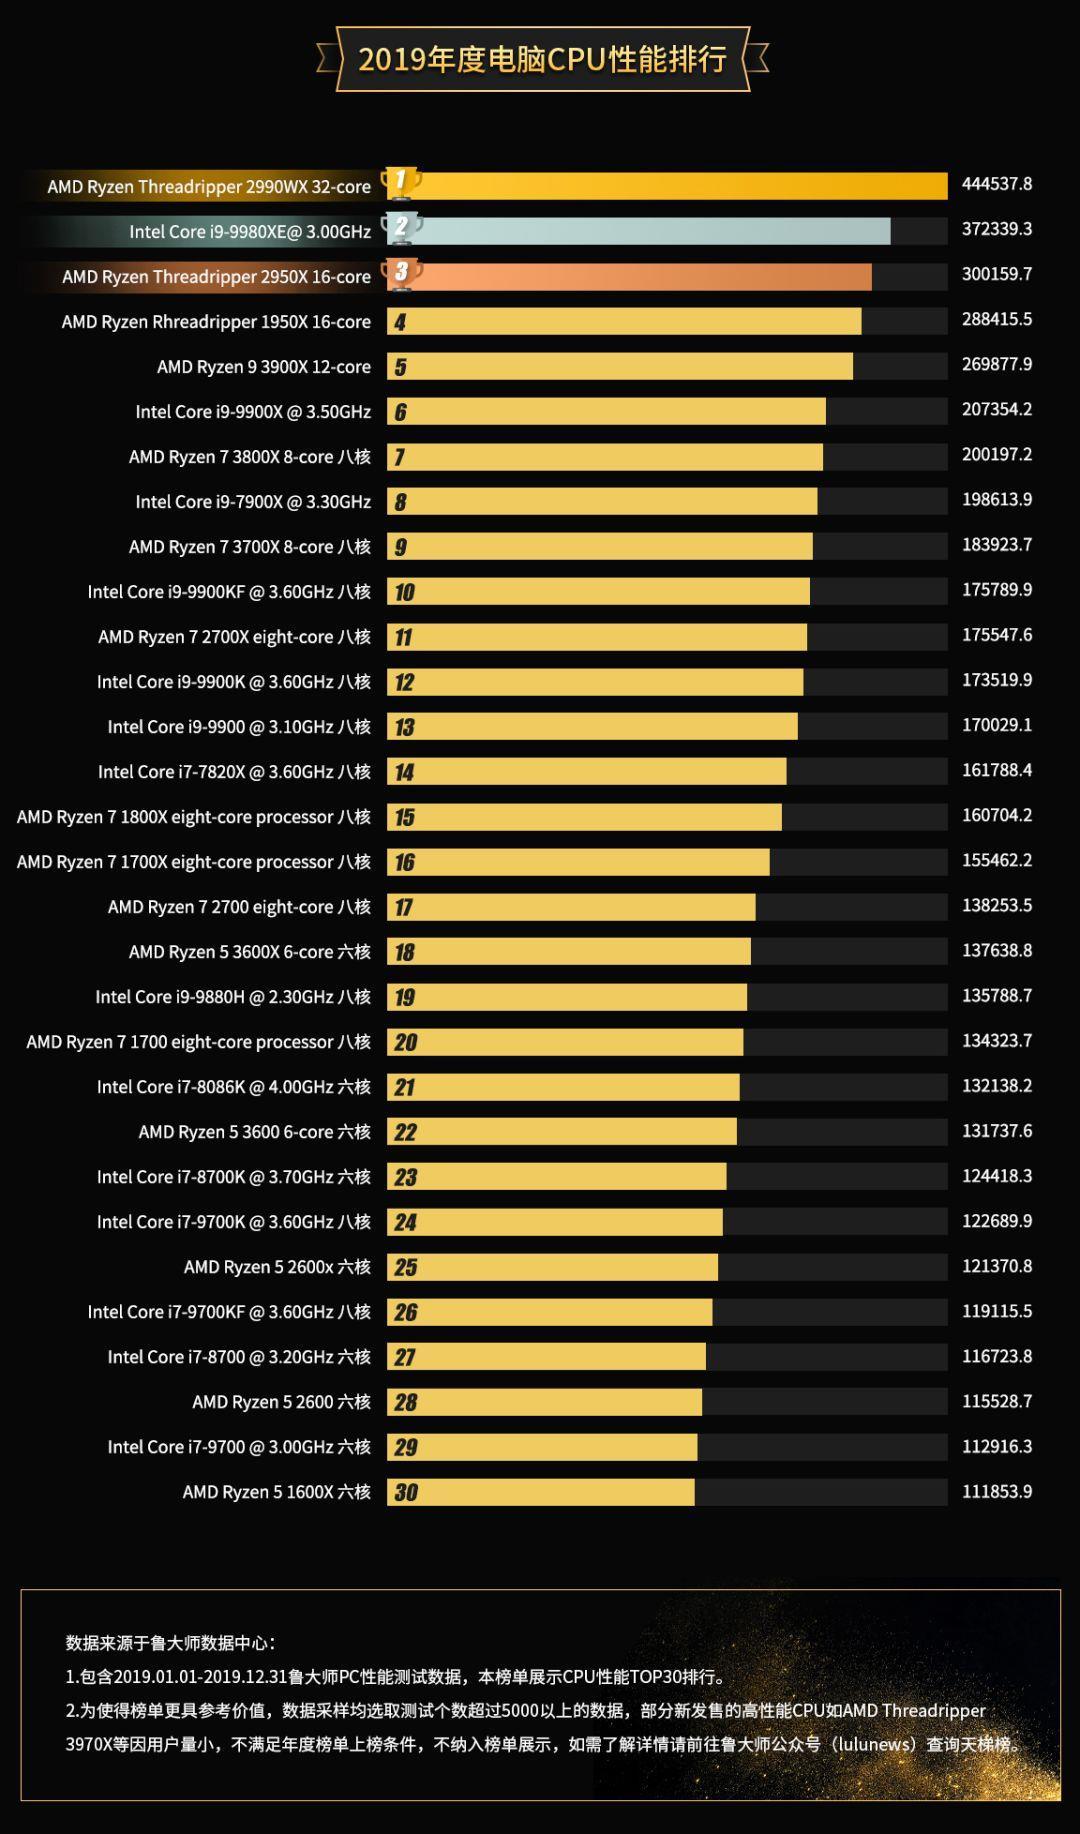 ТОП-10 мощнейших процессоров. 5 AMD и5 Intel